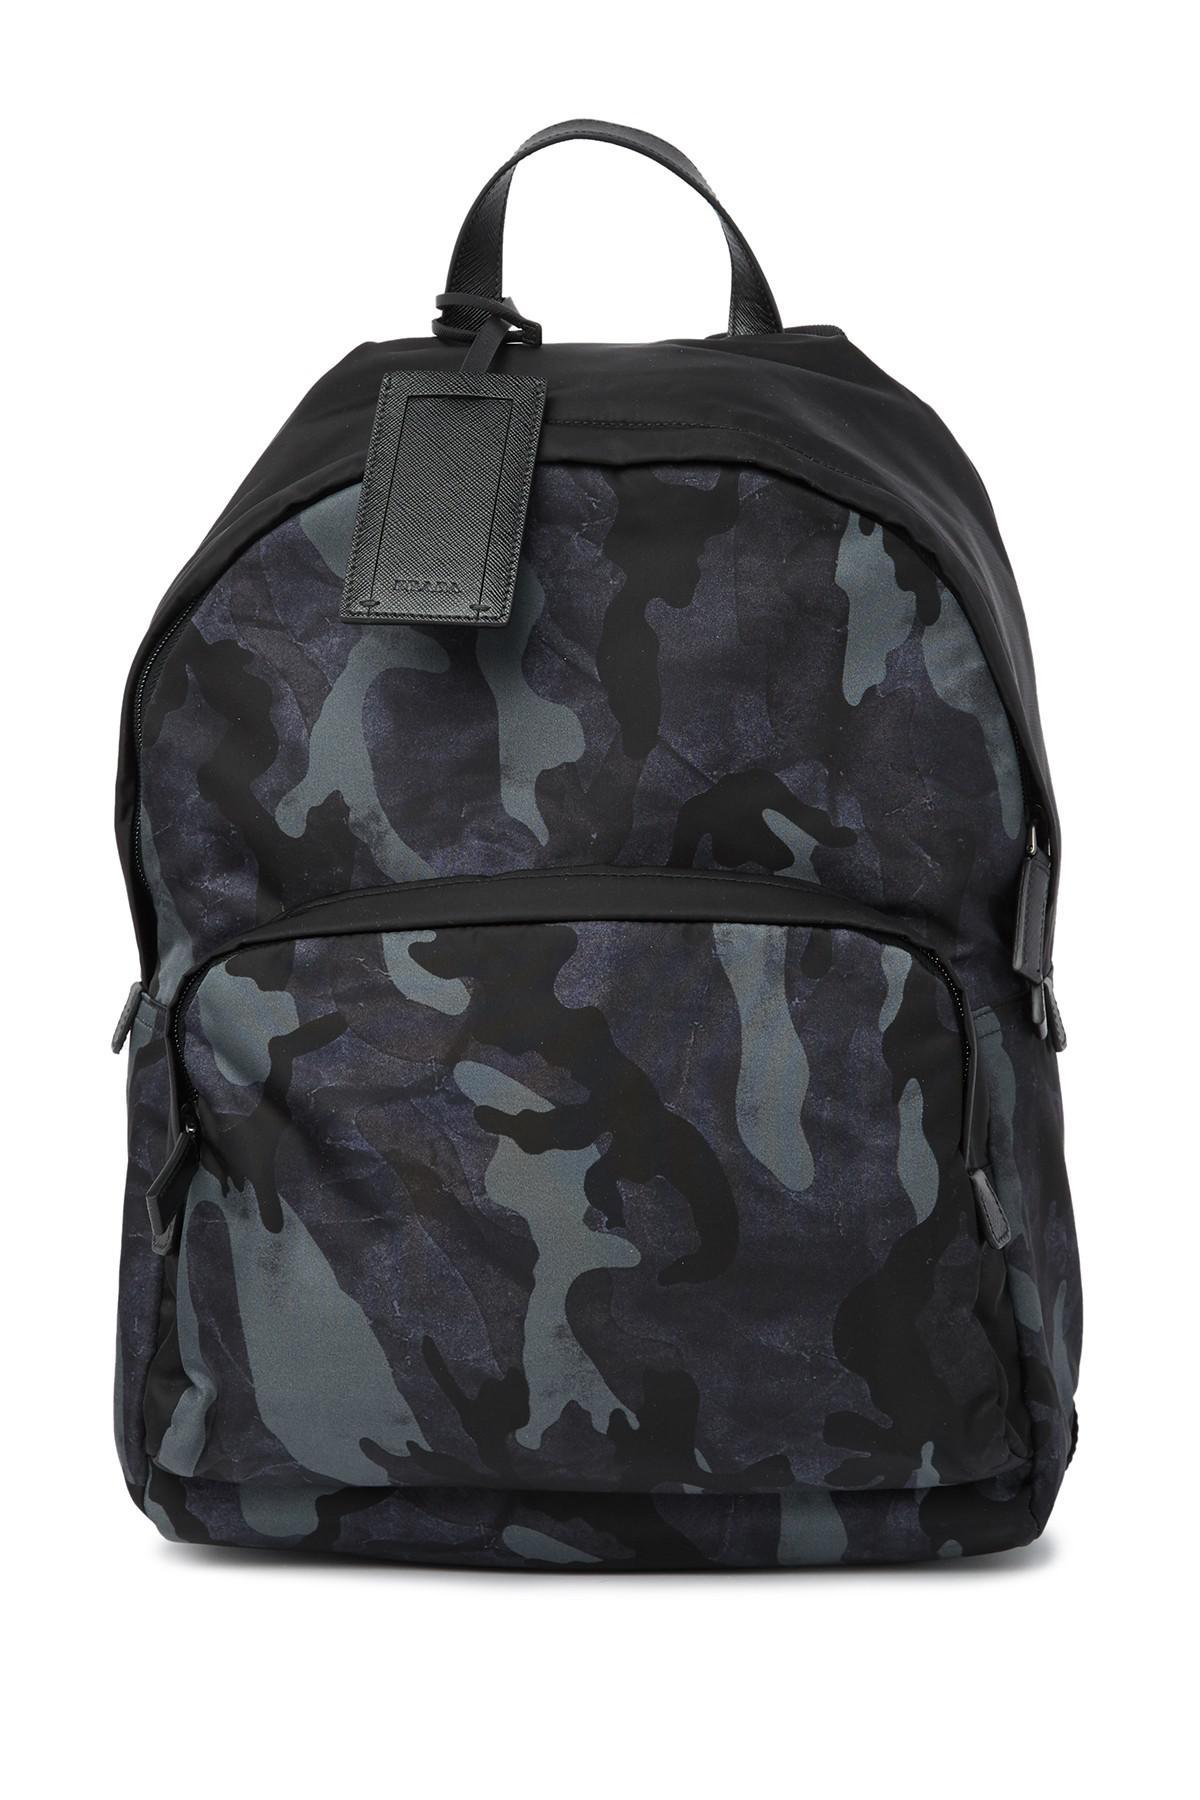 fbb0d145d14f Lyst - Prada Backpack in Black for Men